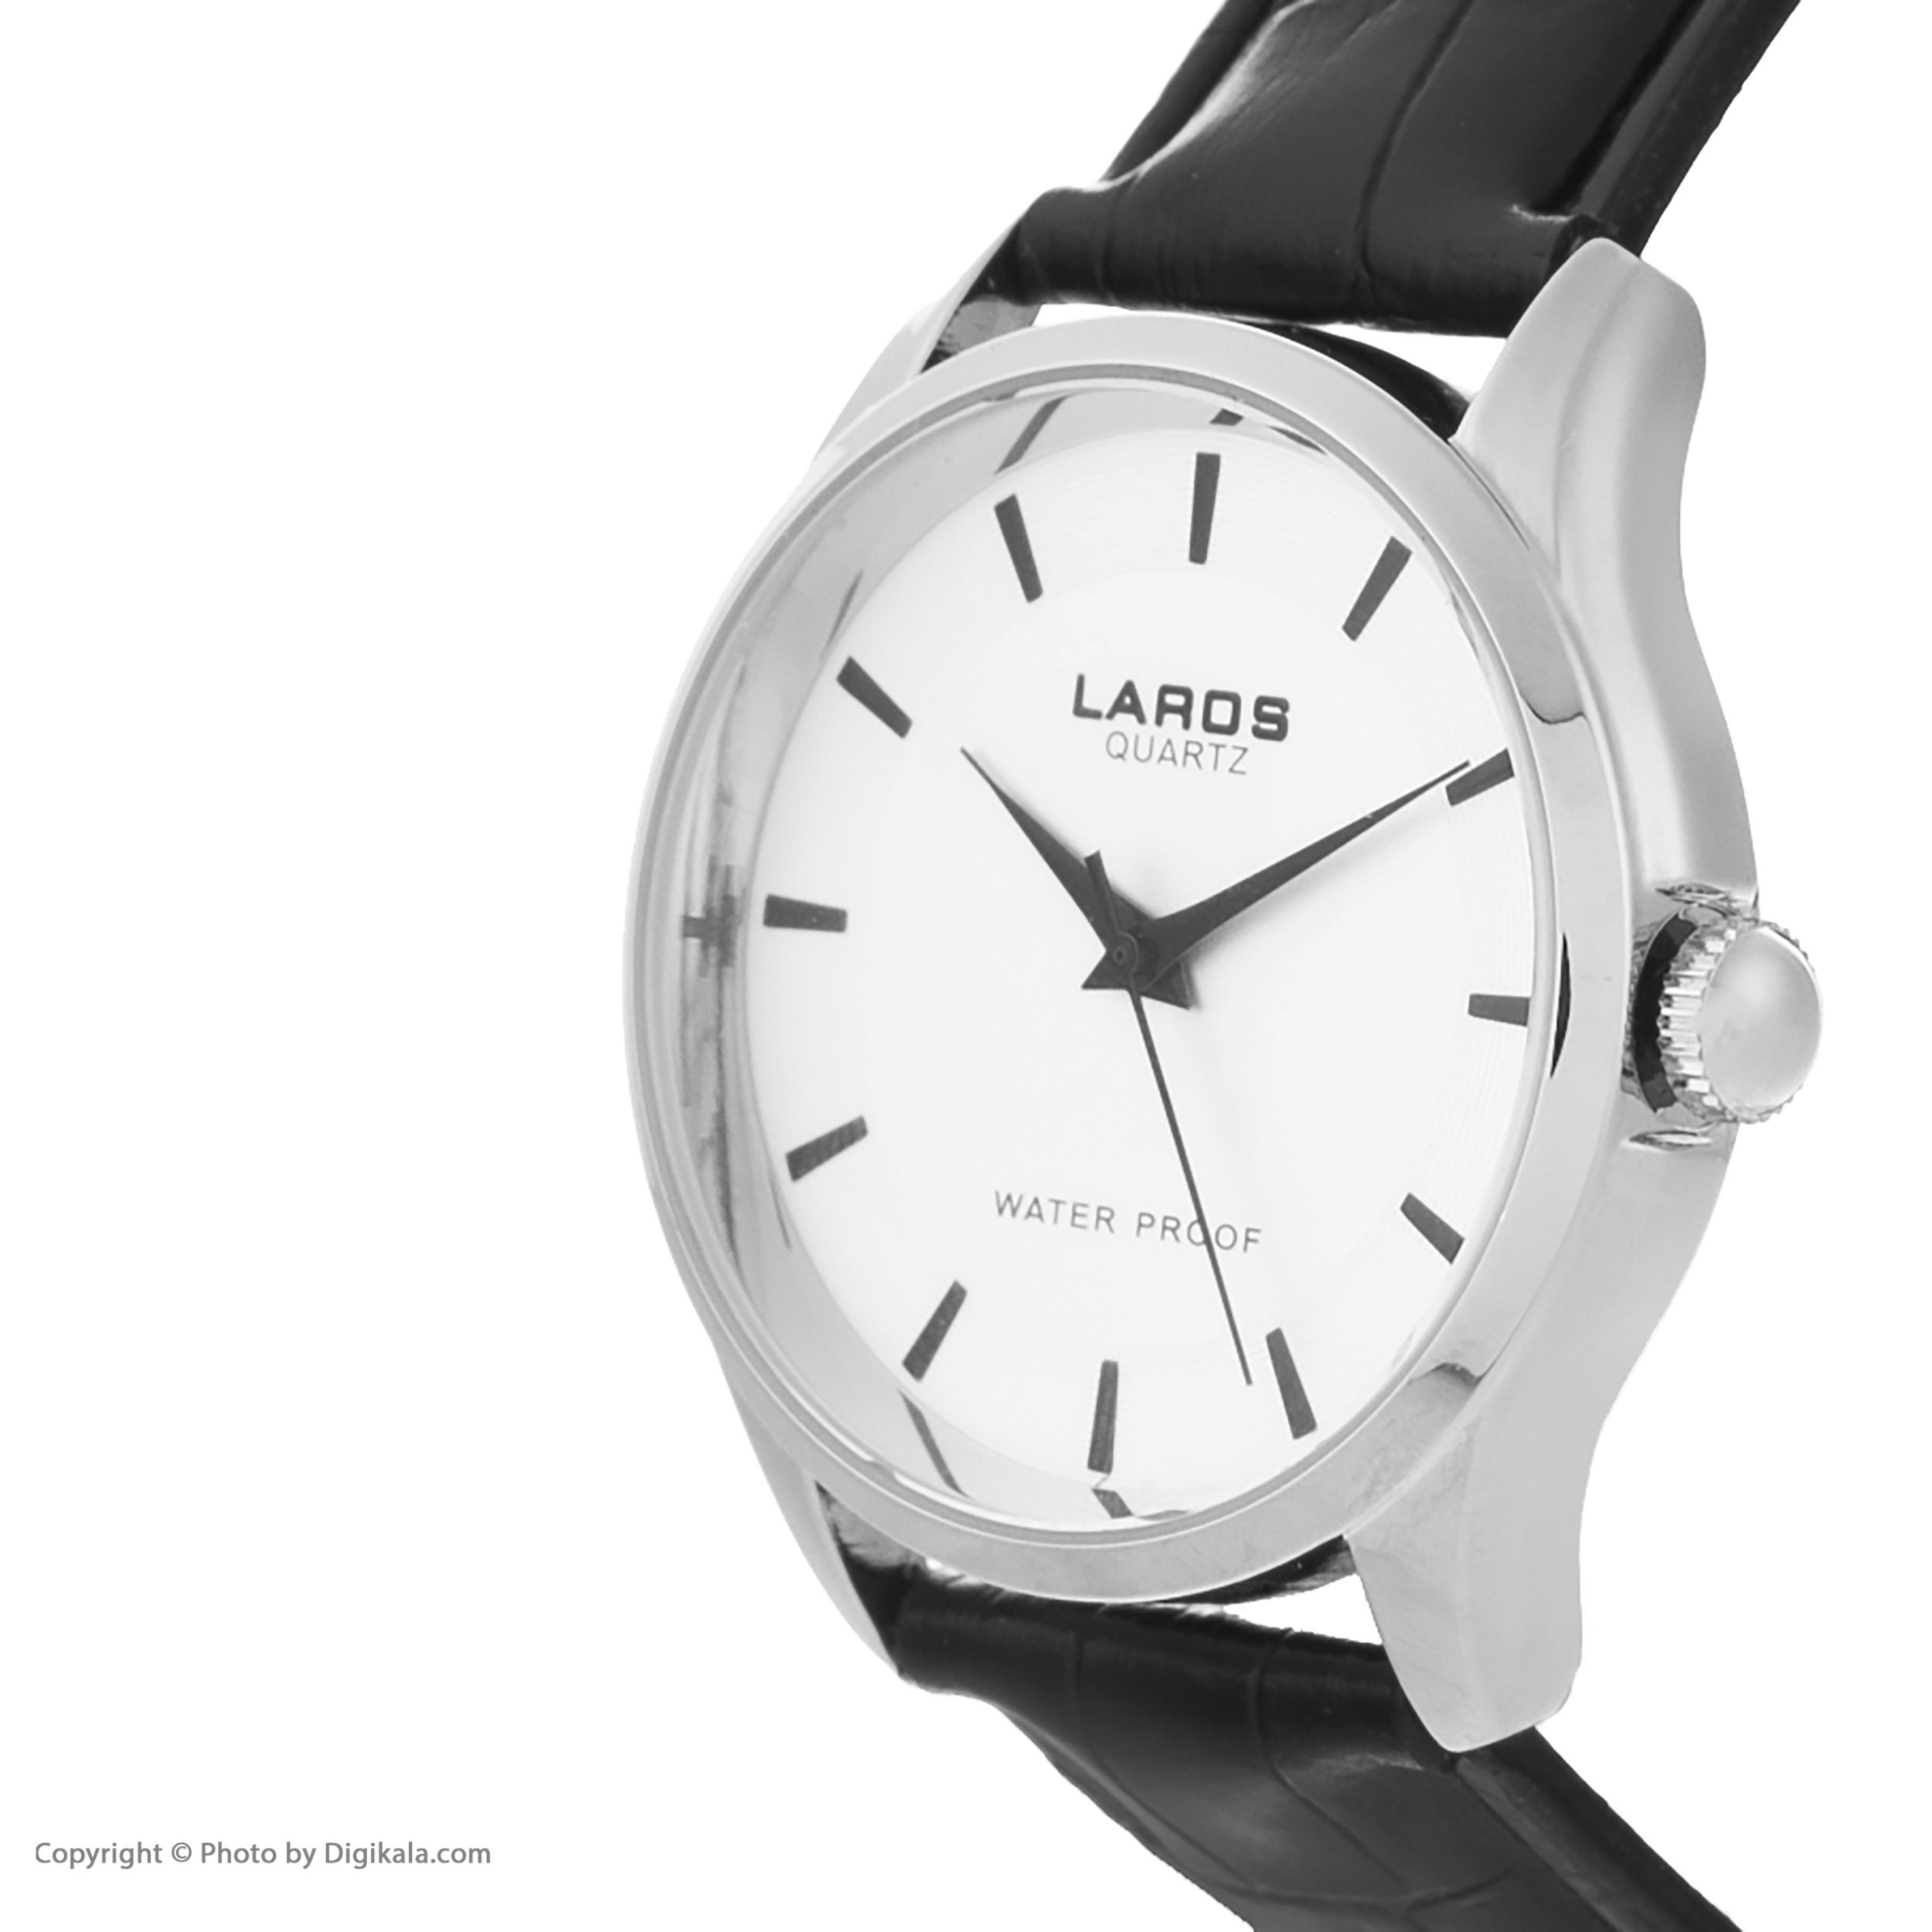 ست ساعت مچی  زنانه و مردانه لاروس مدل S-0116-65              اصل